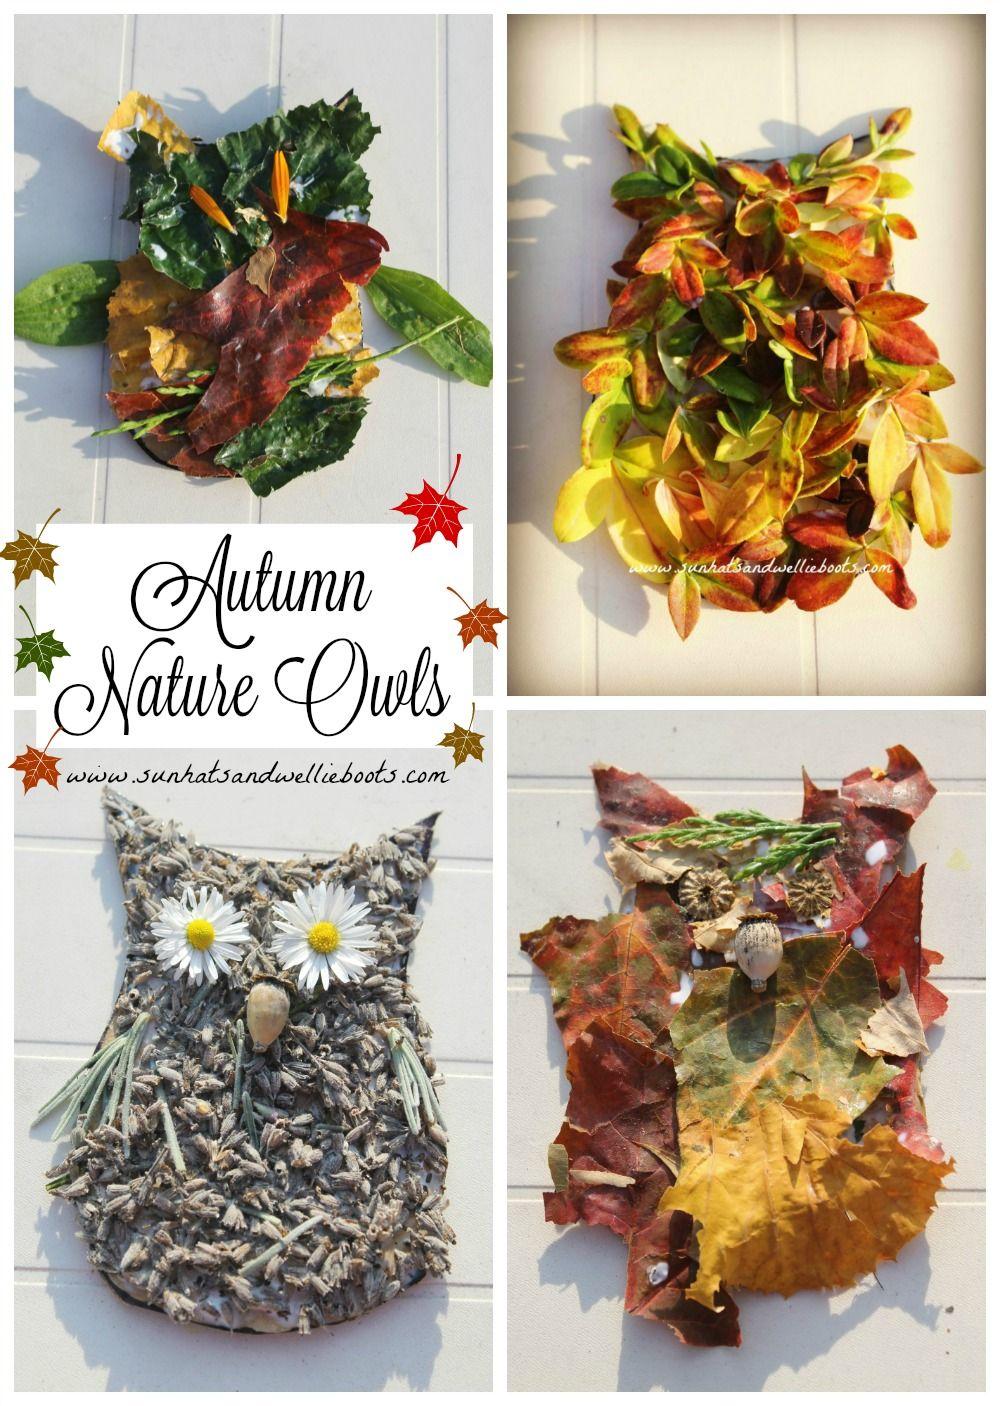 Sun Hats & Wellie Boots: Nature Art Autumn Owls